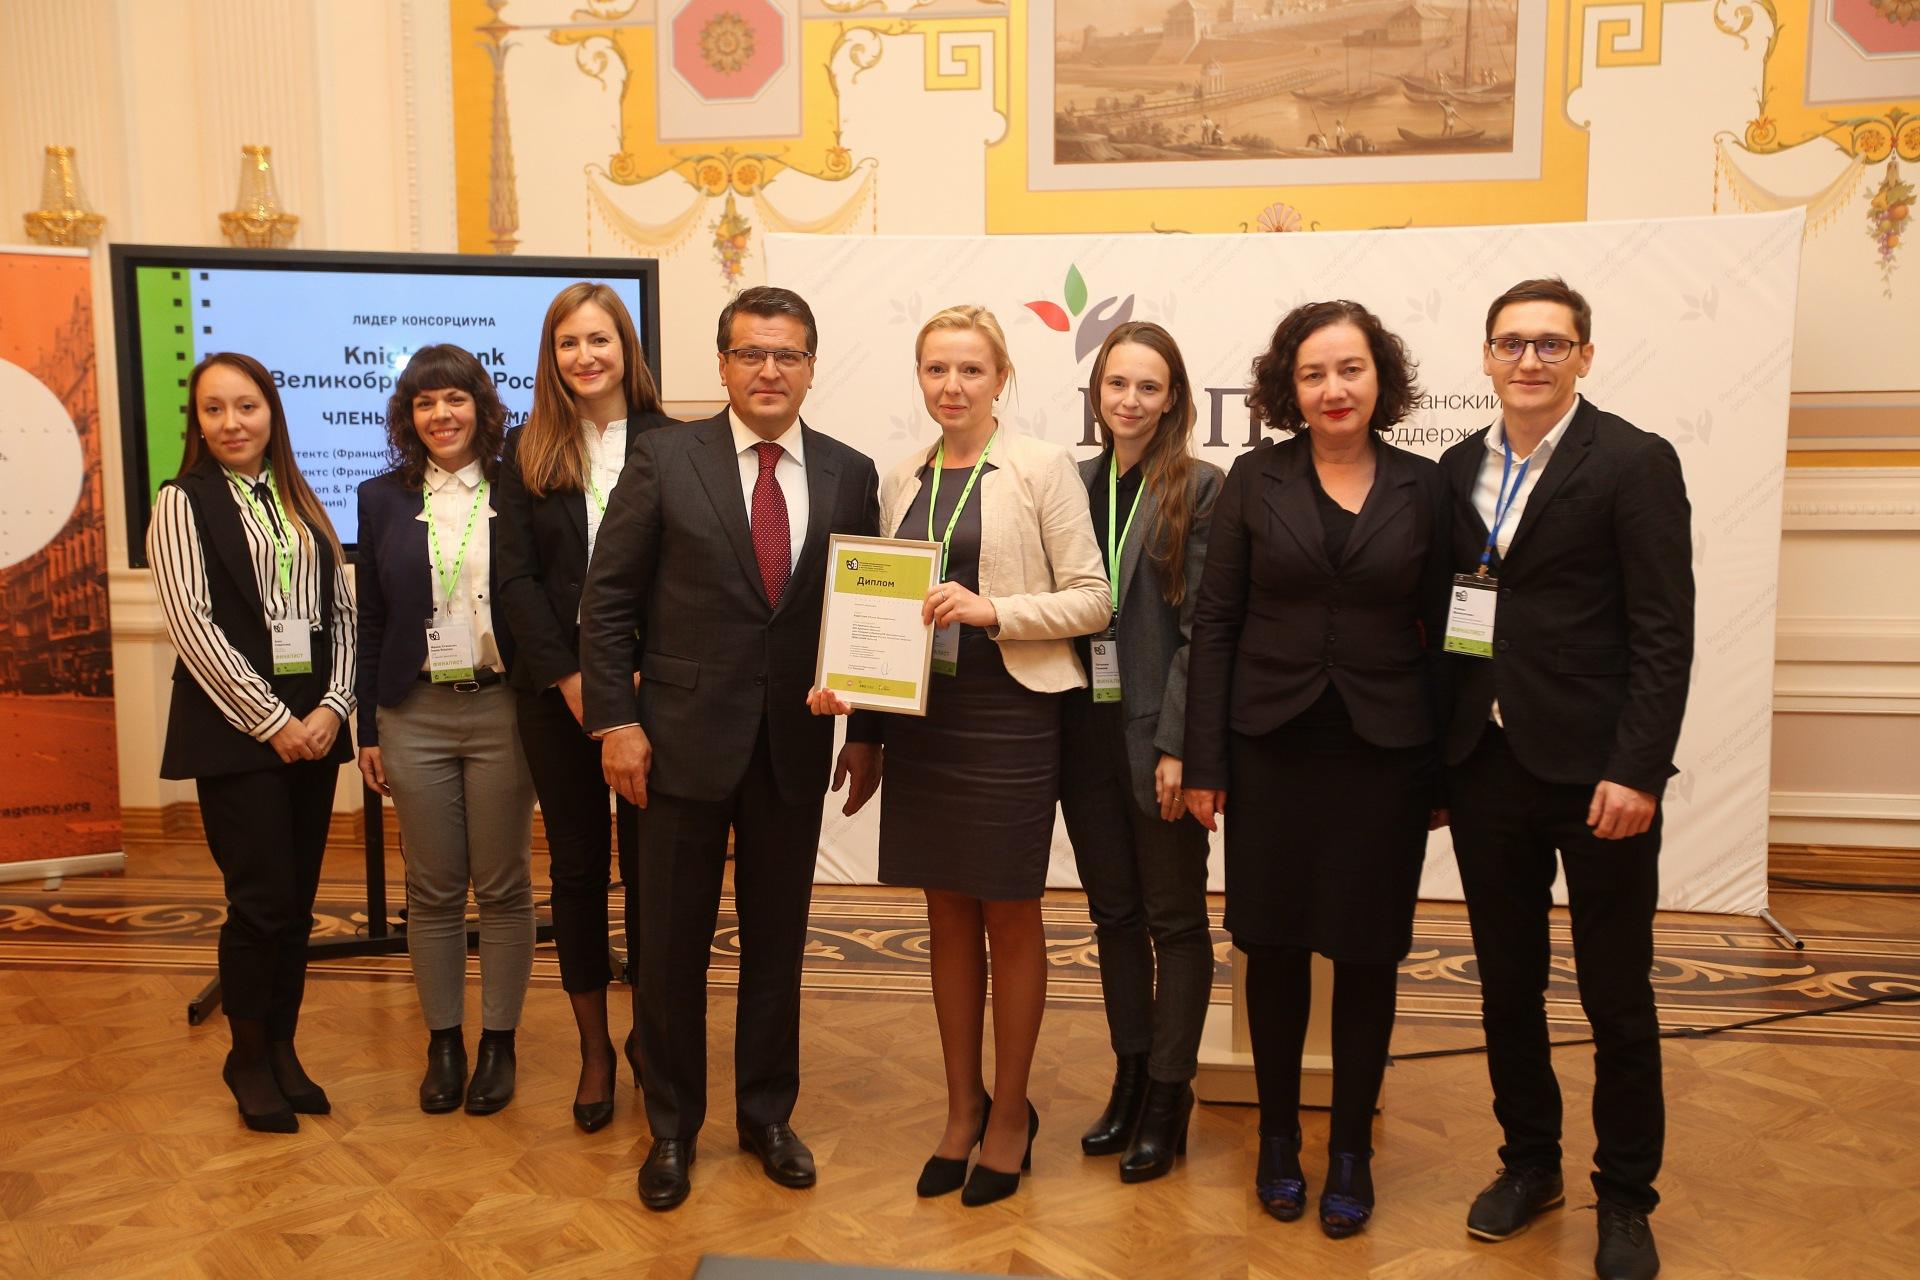 Победителем конкурса стал англо-франко-российский консорциум